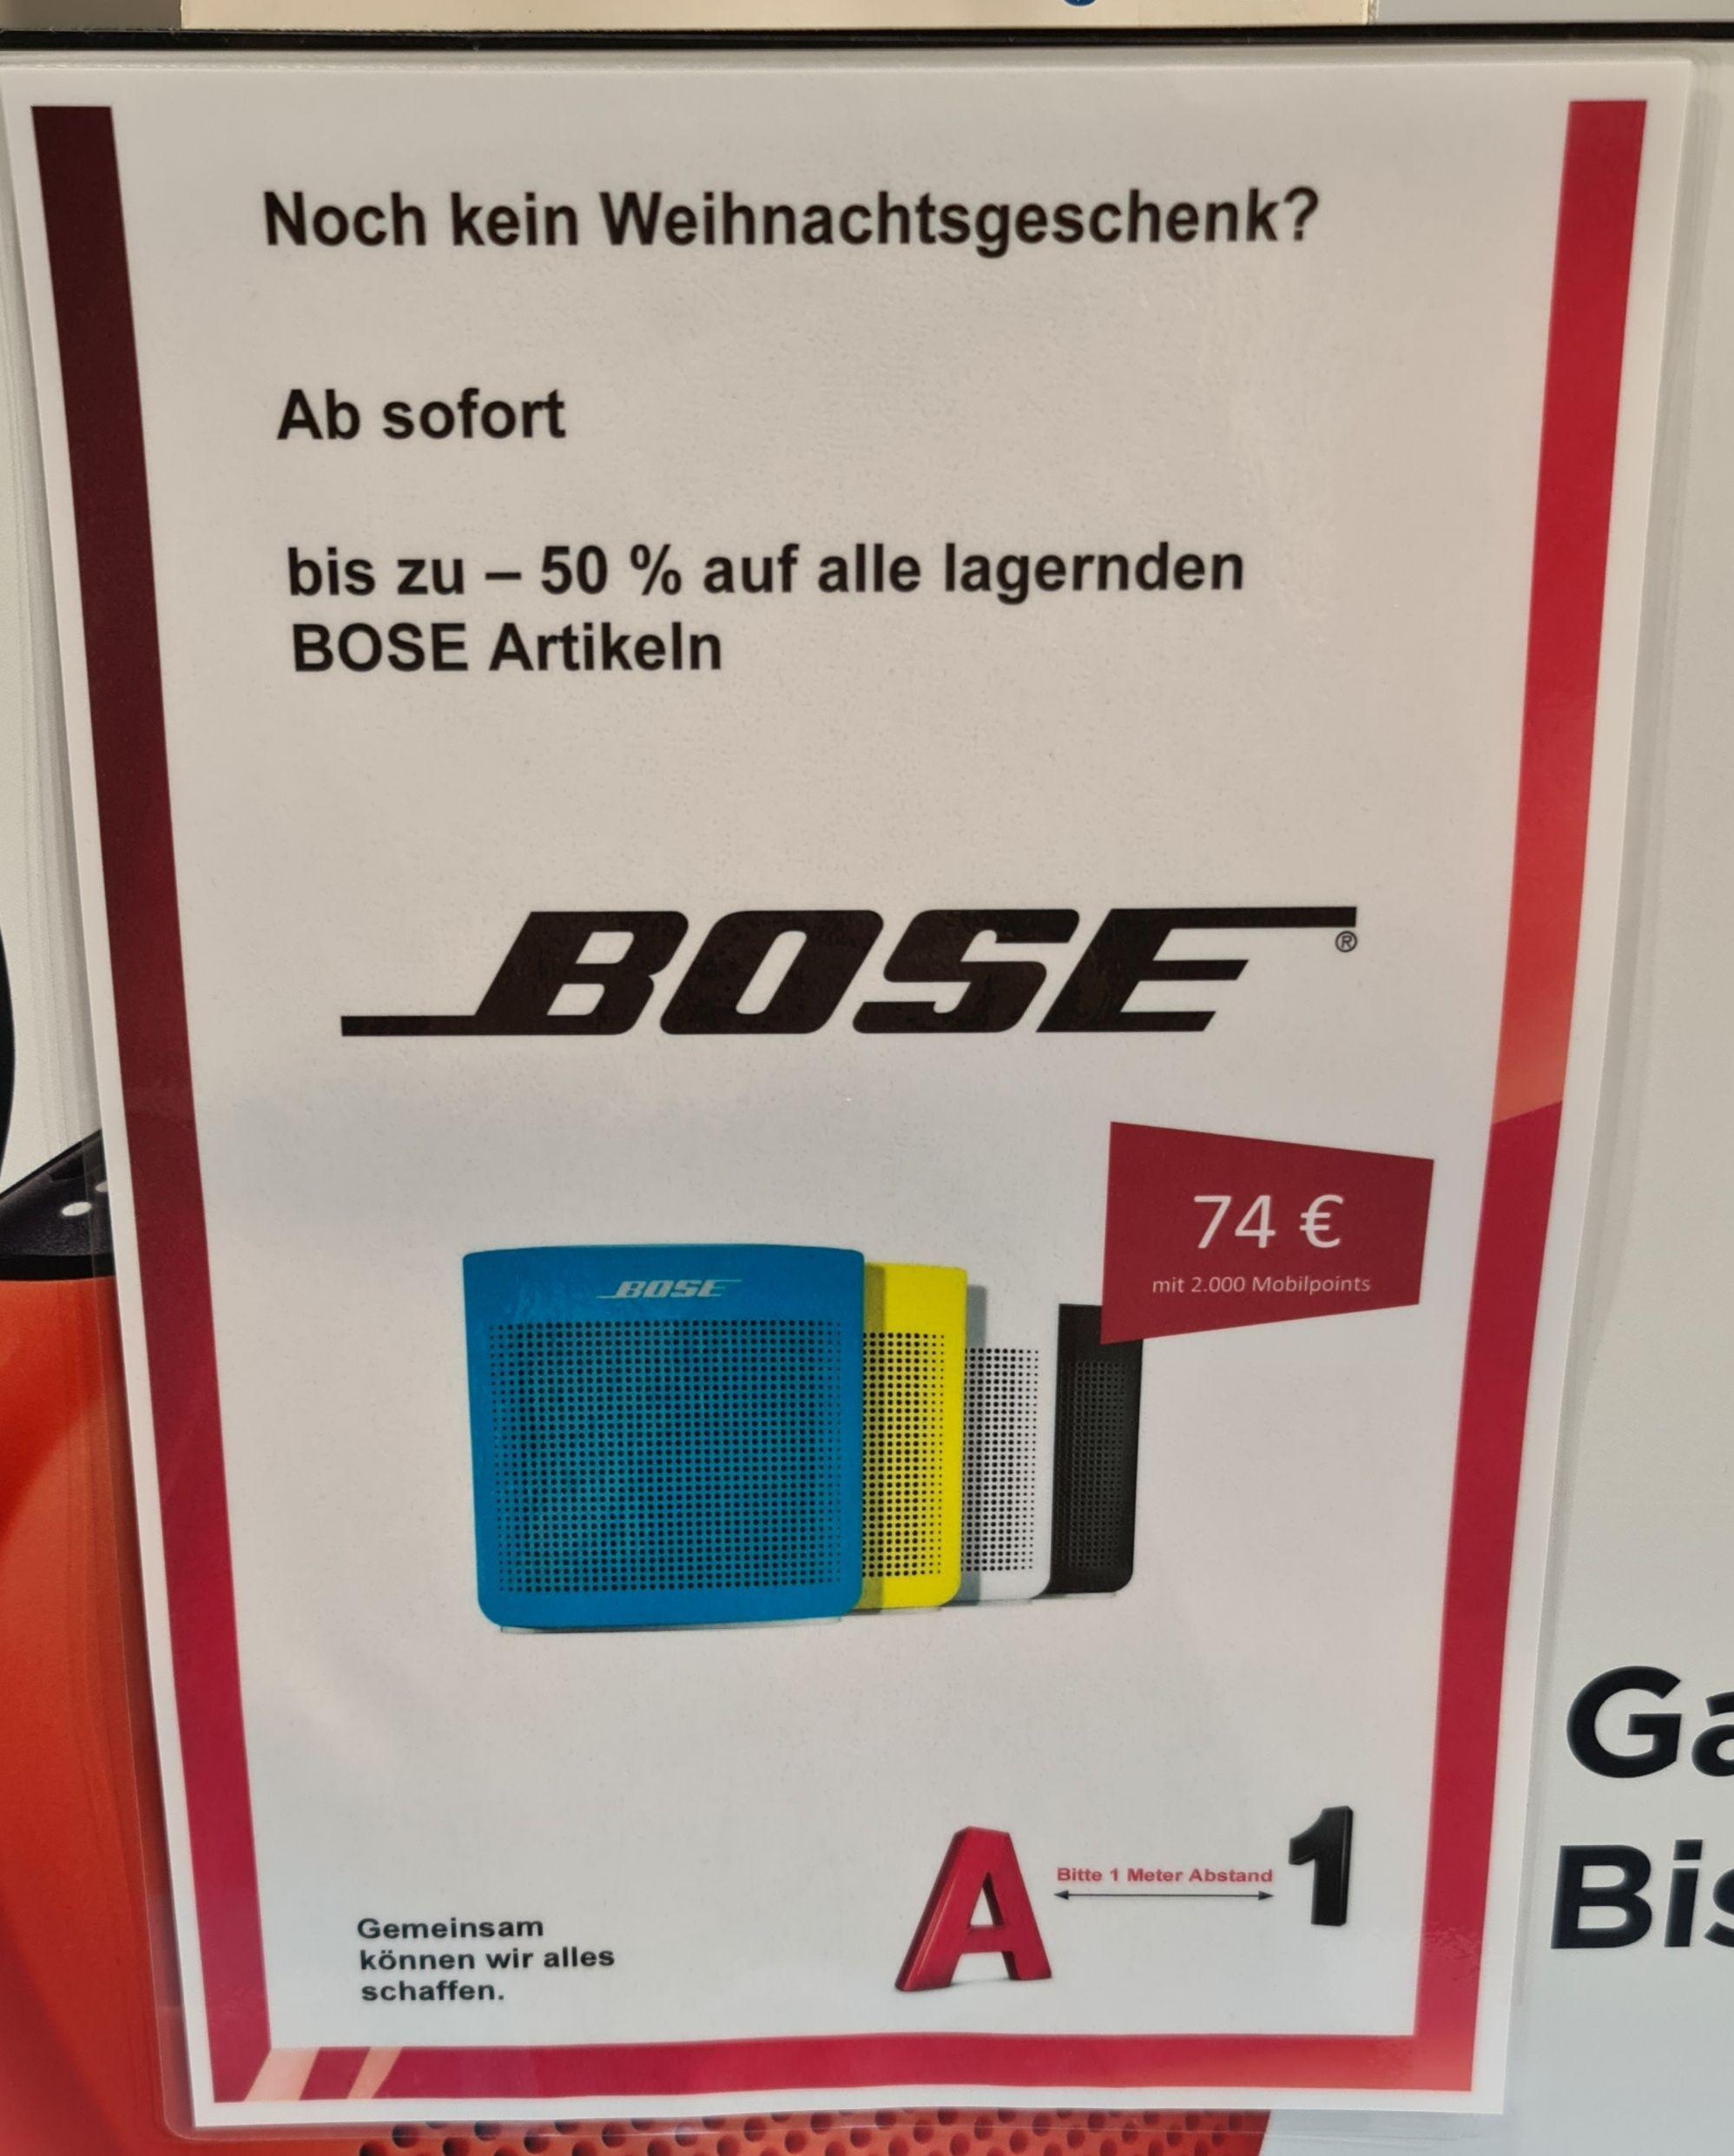 Bose Abverkauf bei A1